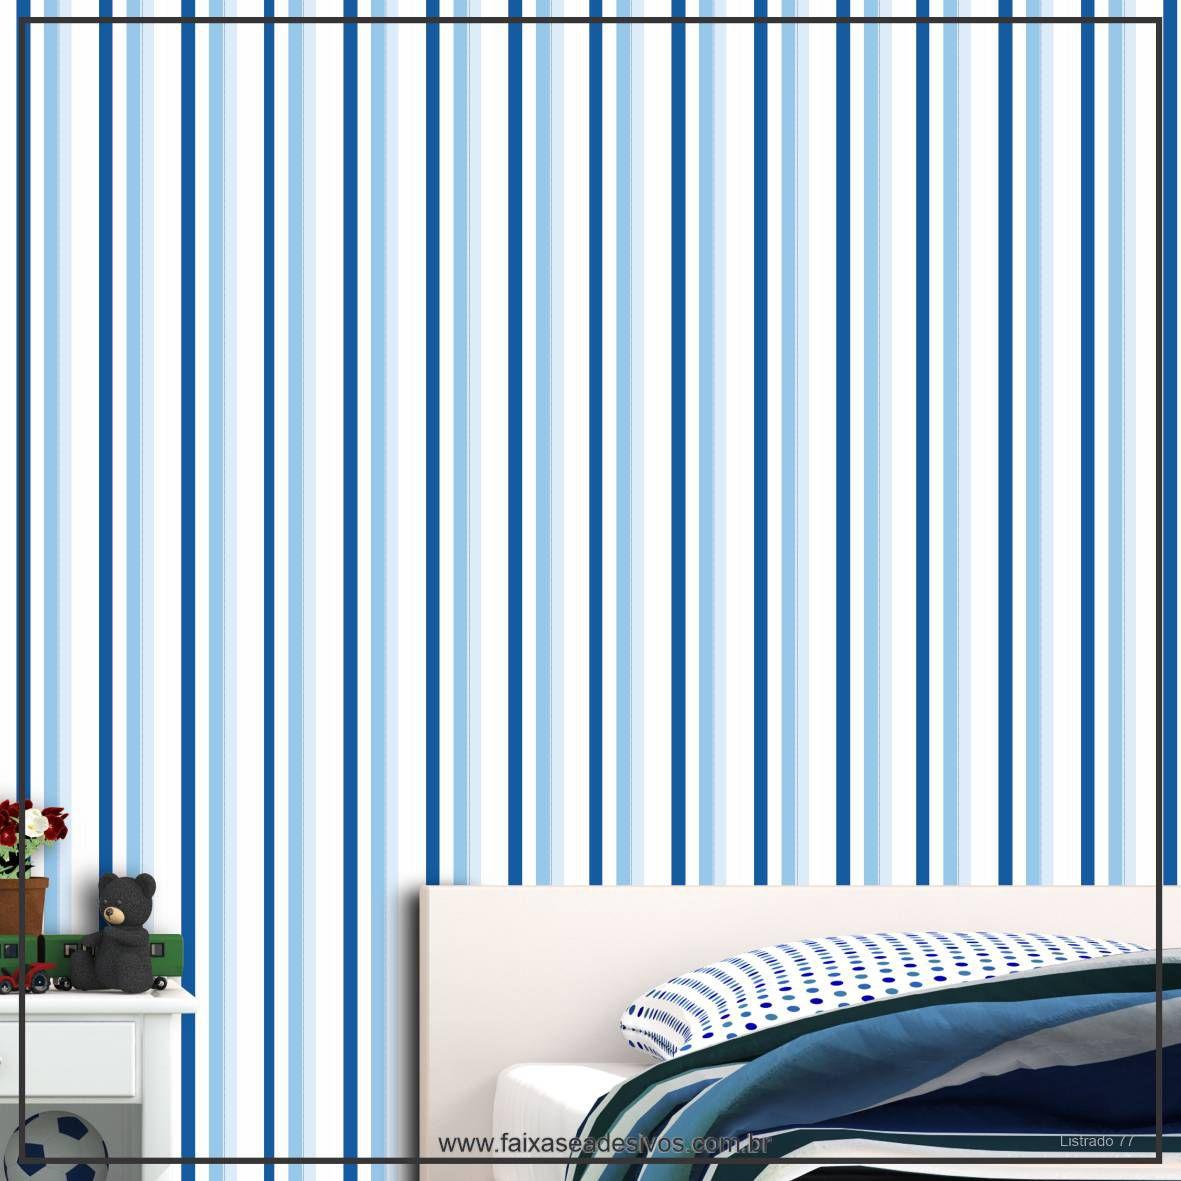 022 - Adesivo Decorativo de parede Listras azul fino - 58cm larg  - Fac Signs